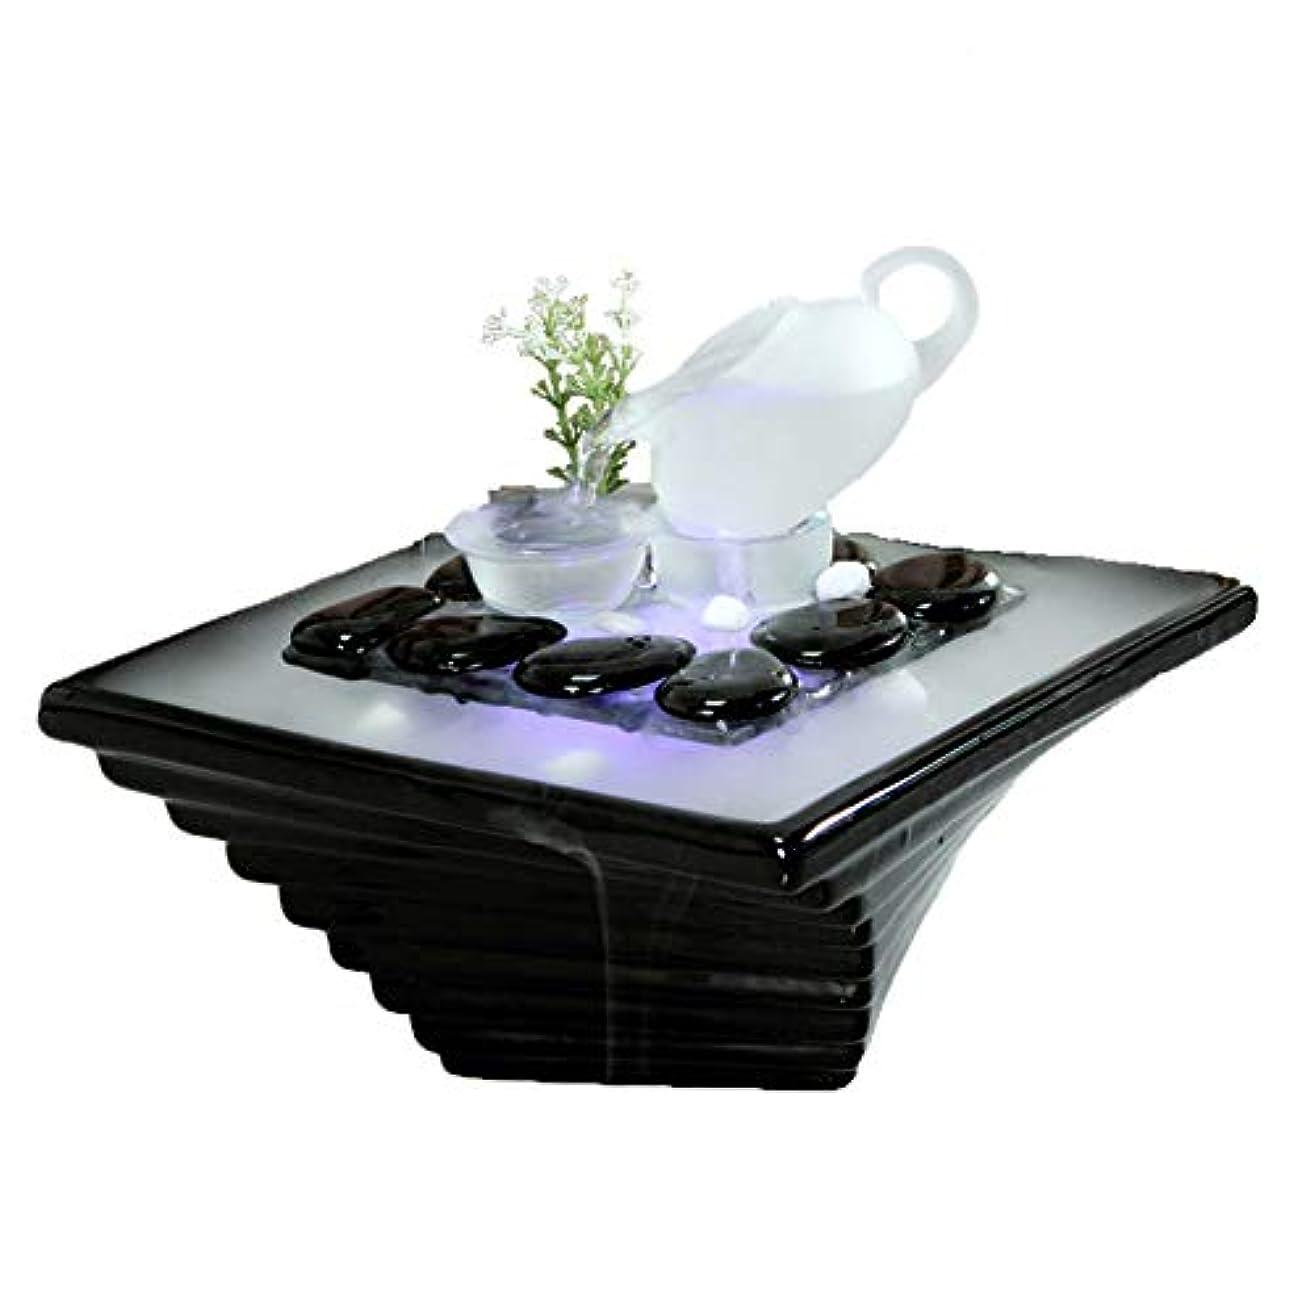 居心地の良い水分病気だと思うエッセンシャルオイルディフューザー空気加湿器セラミッククラフトクリエイティブホームデスクトップ装飾アロマセラピー絶妙なギフト,Black